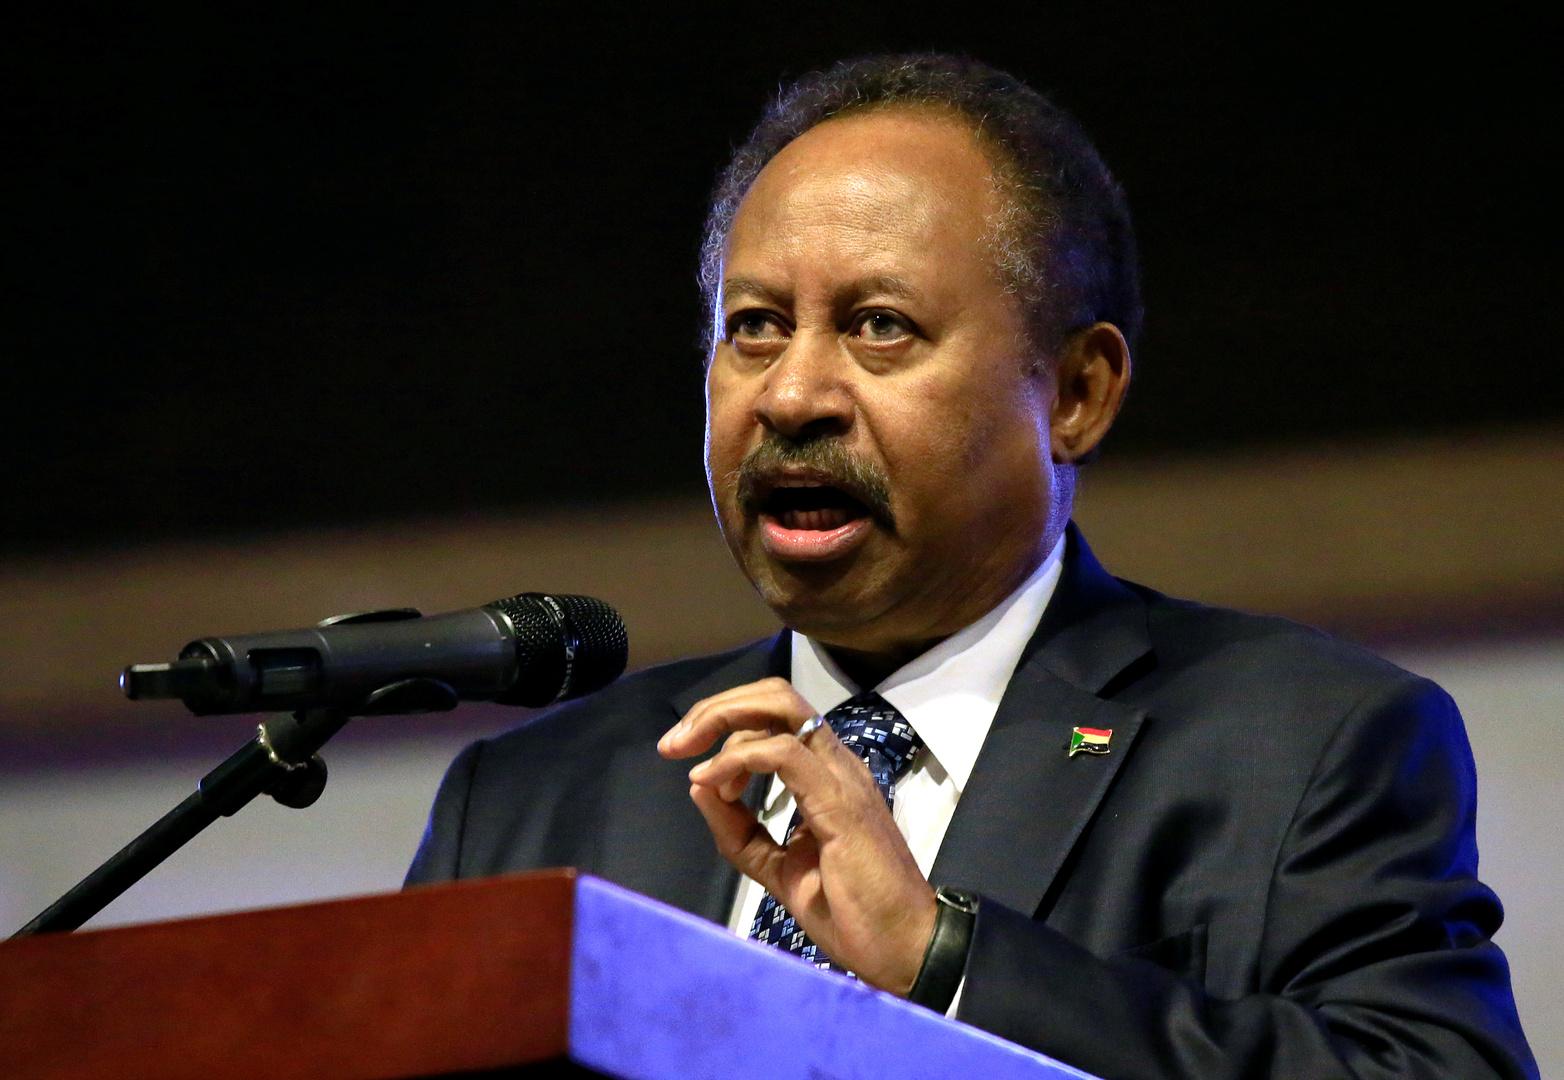 رئيس الوزراء السوادني عبدالله حمدوك